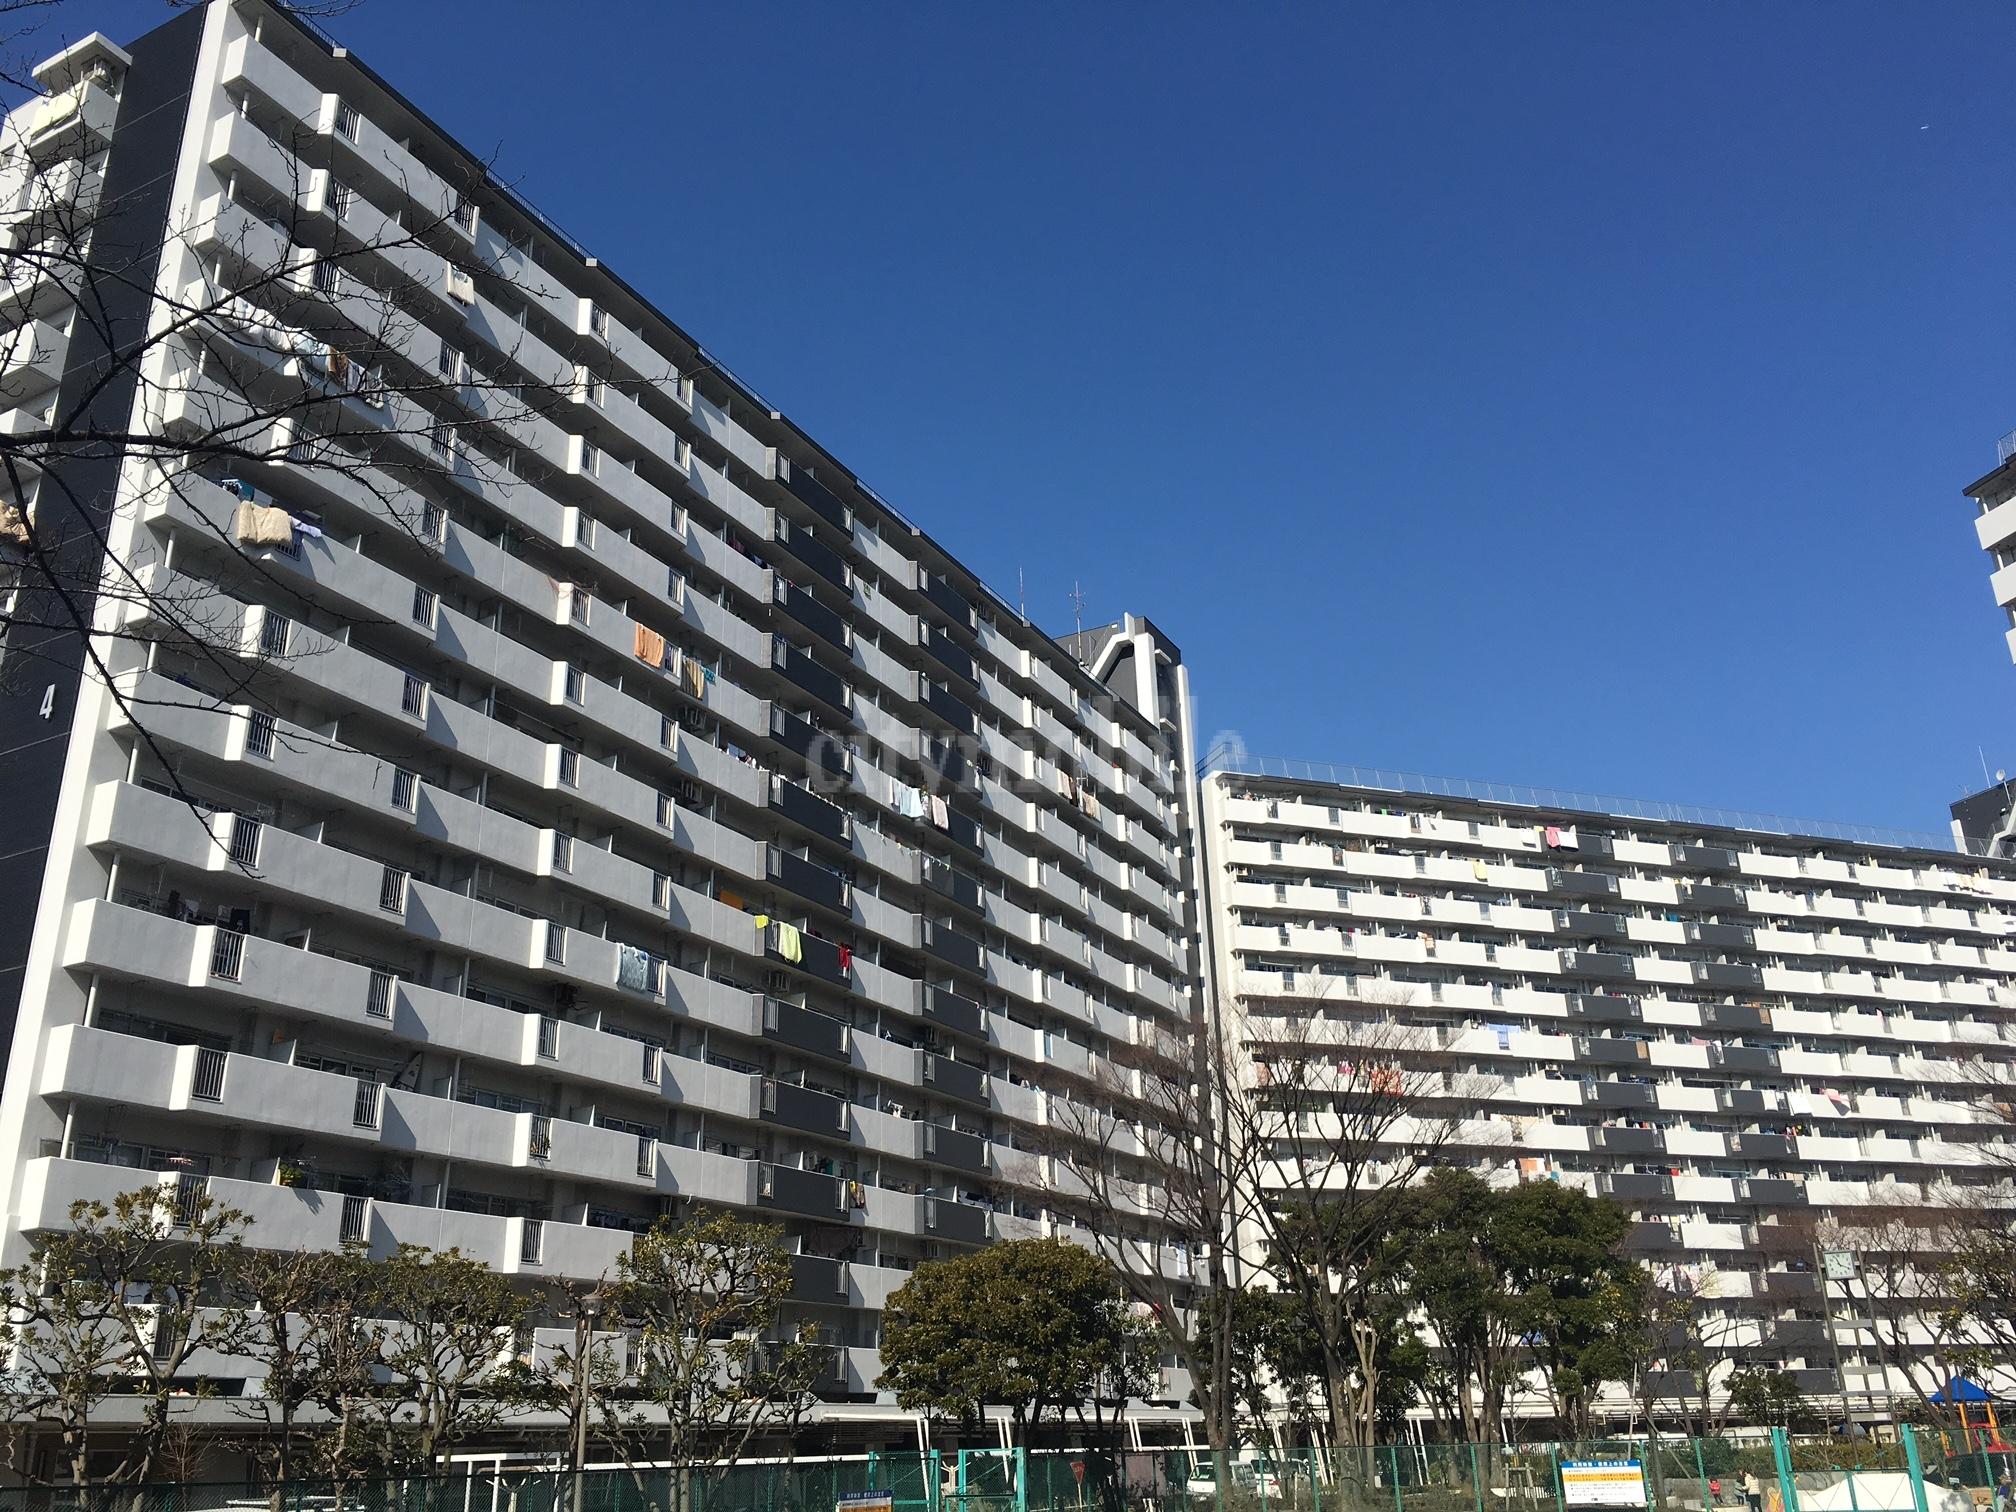 団地に暮らす|東京都住宅供給公社